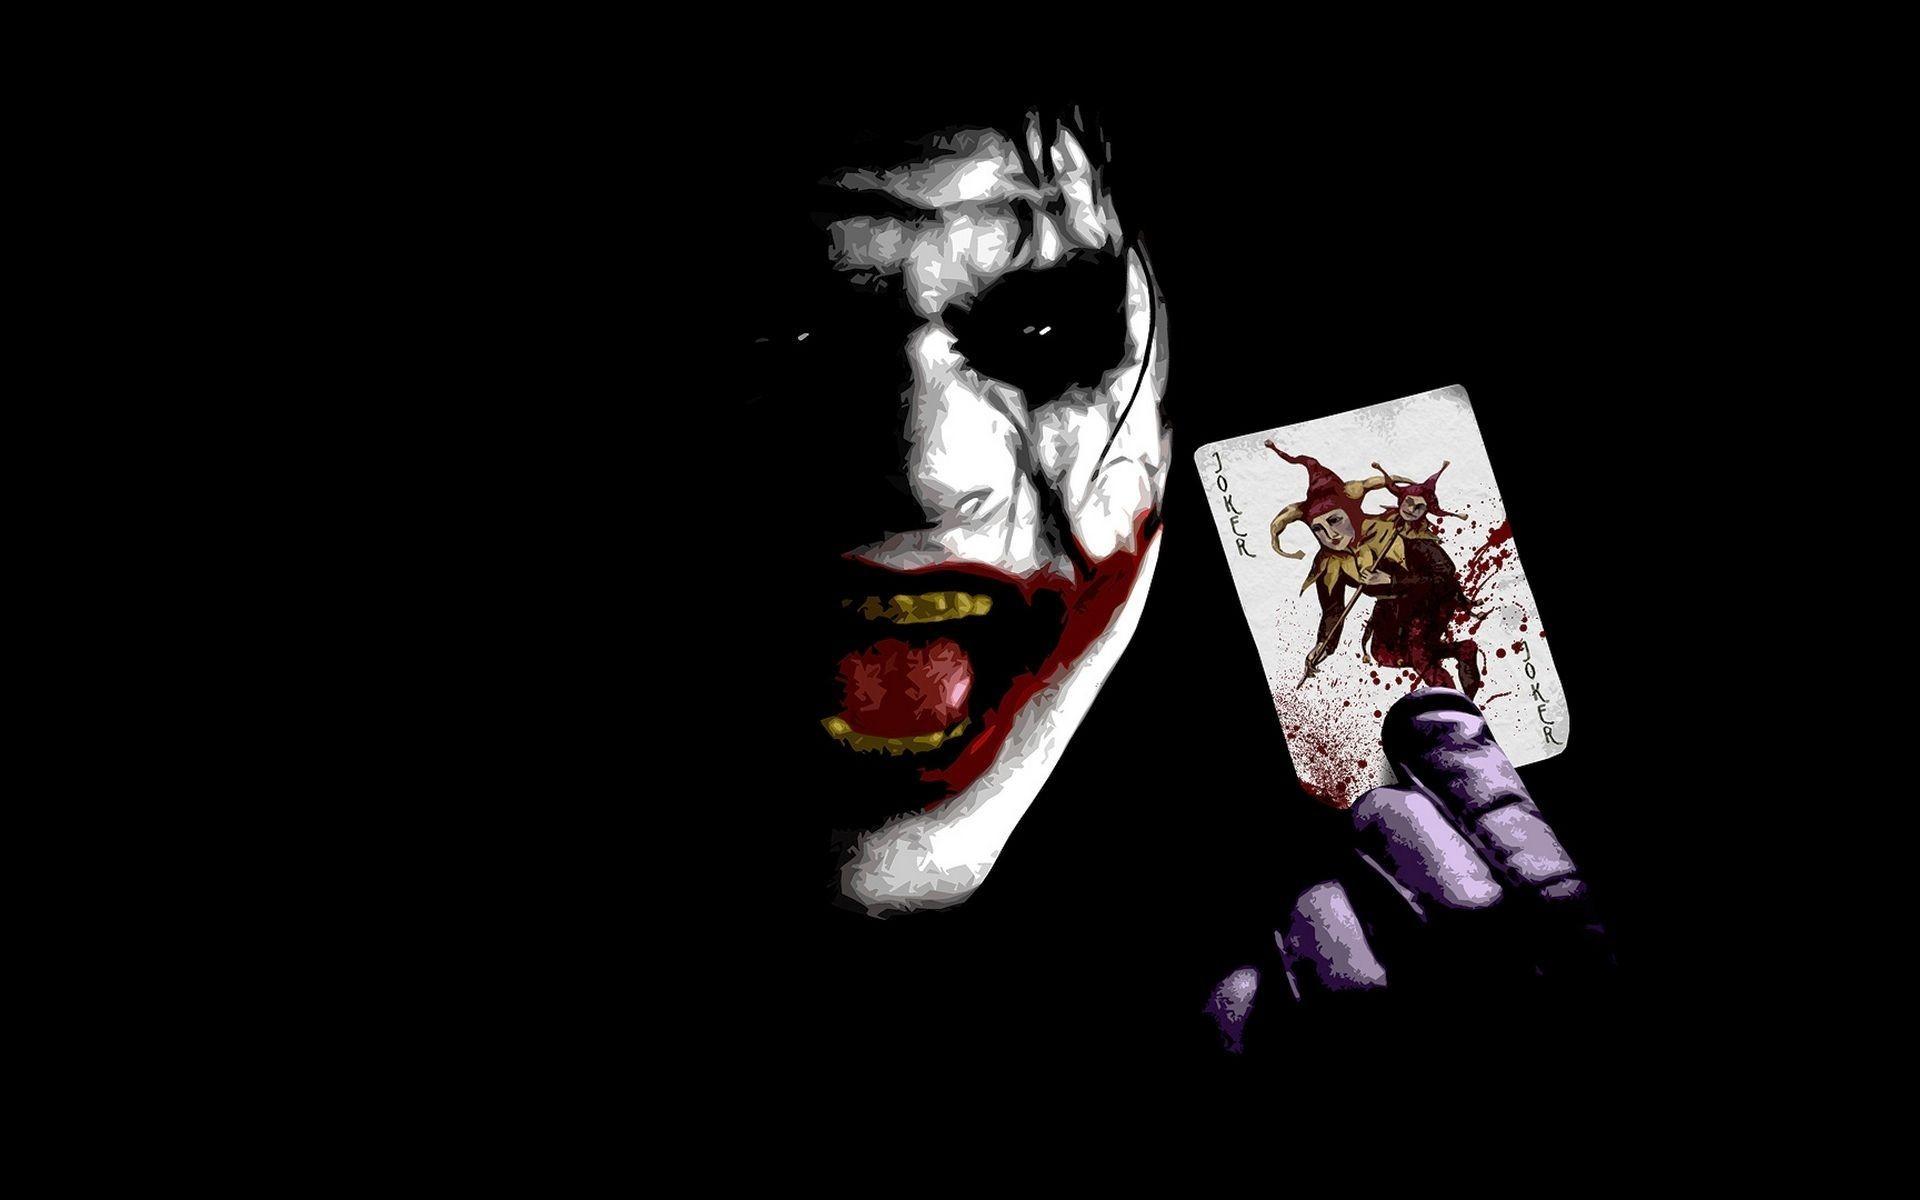 Wallpaper Batman And Joker [1920 x 1080]